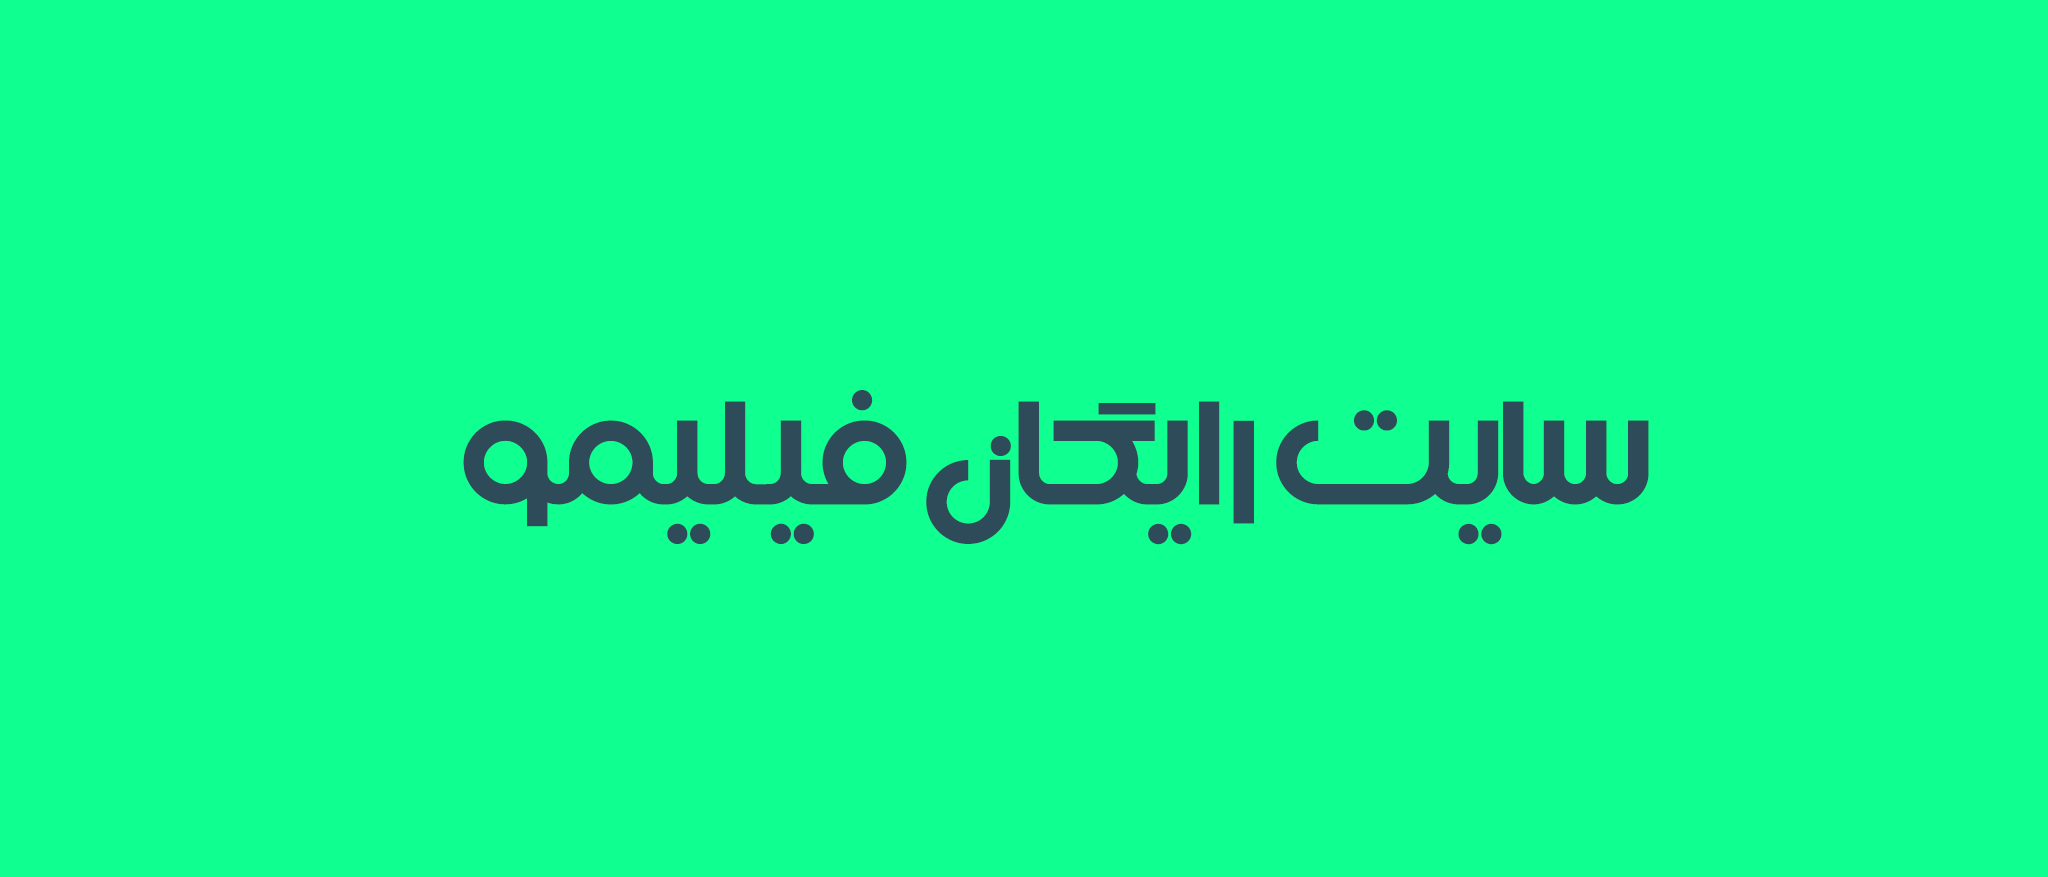 دانلود فونت فارسی نسیم